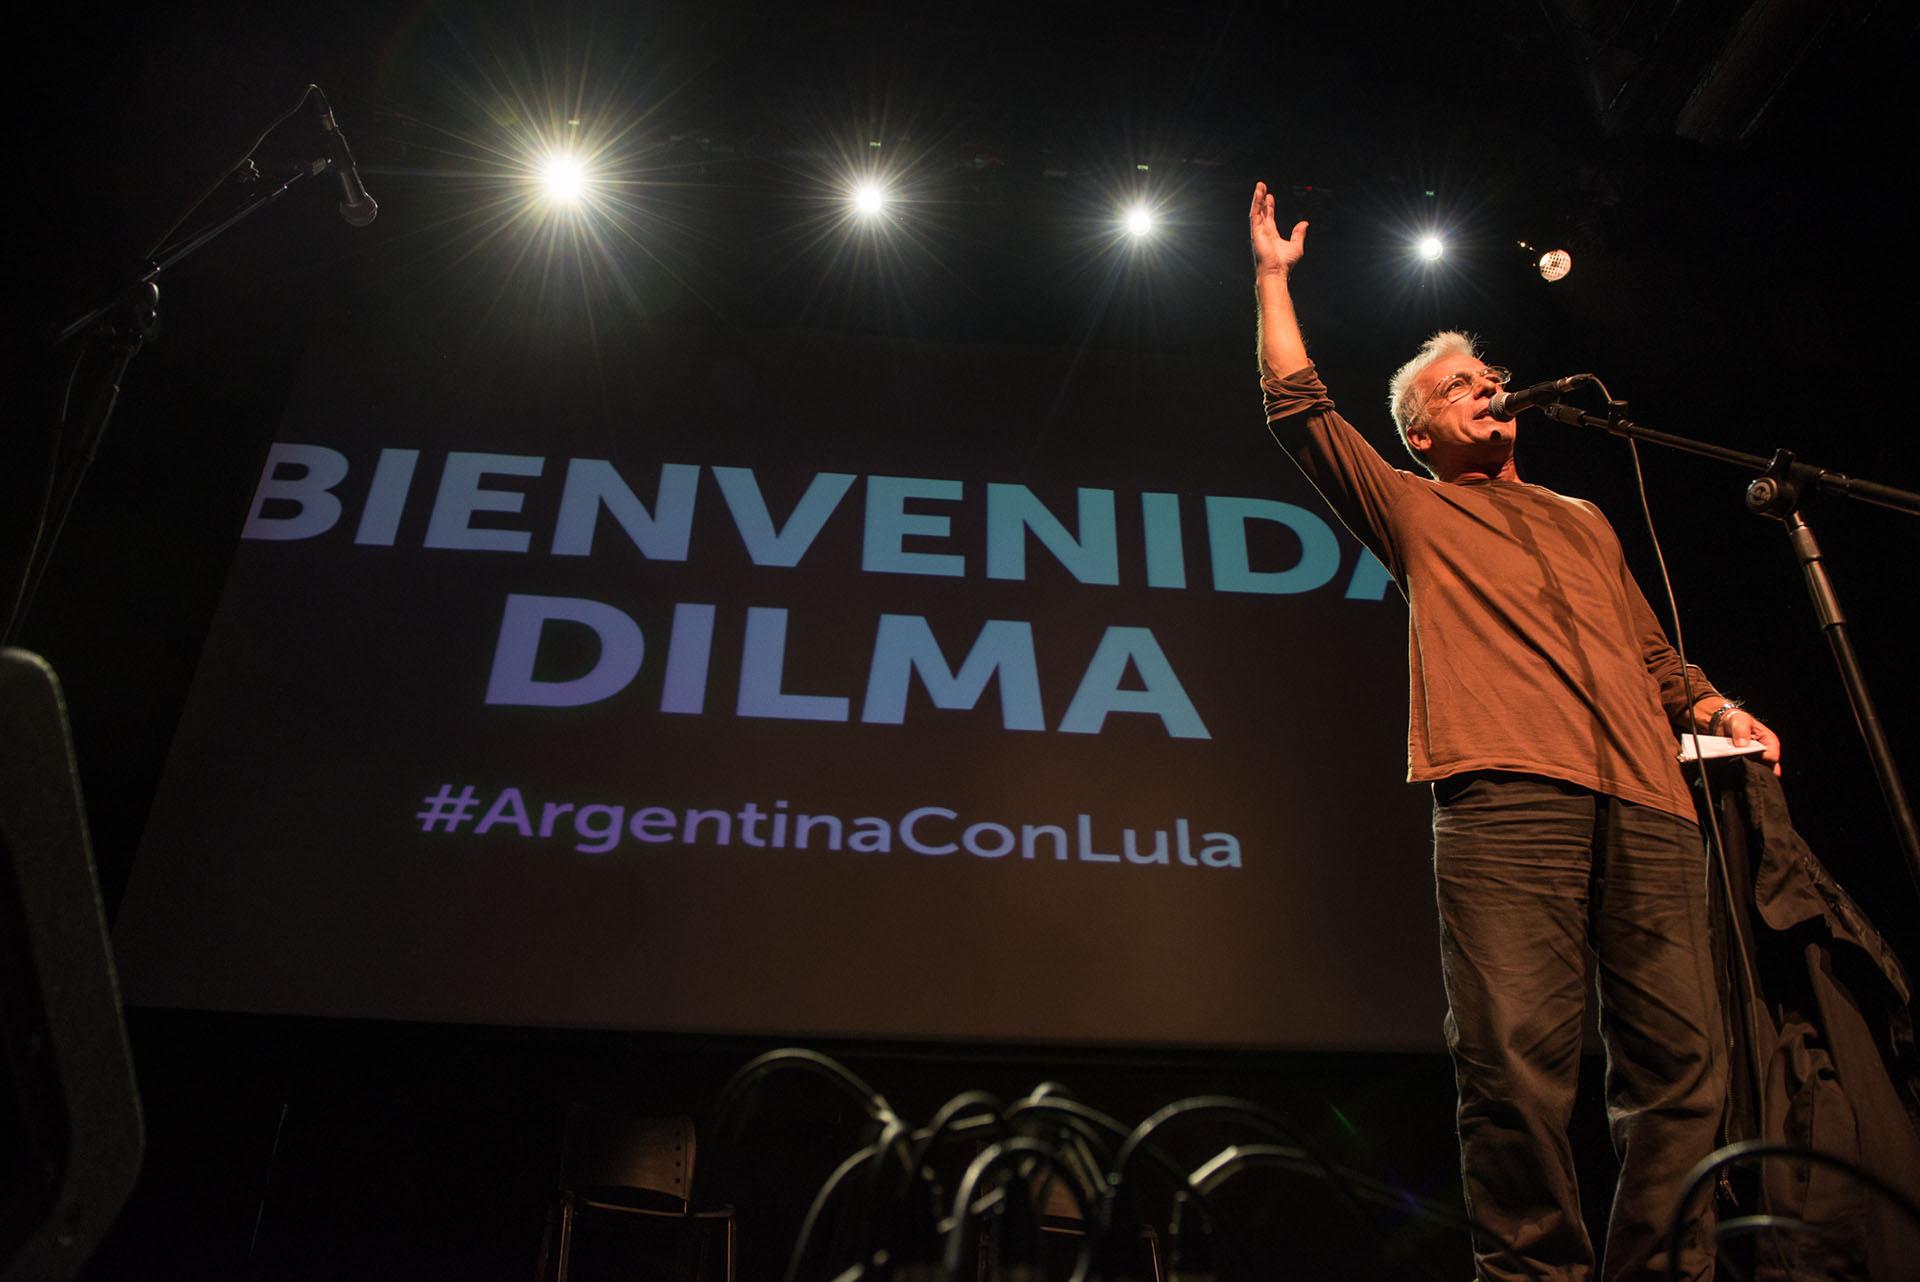 El actor Gerardo Romano también se subió al escenario